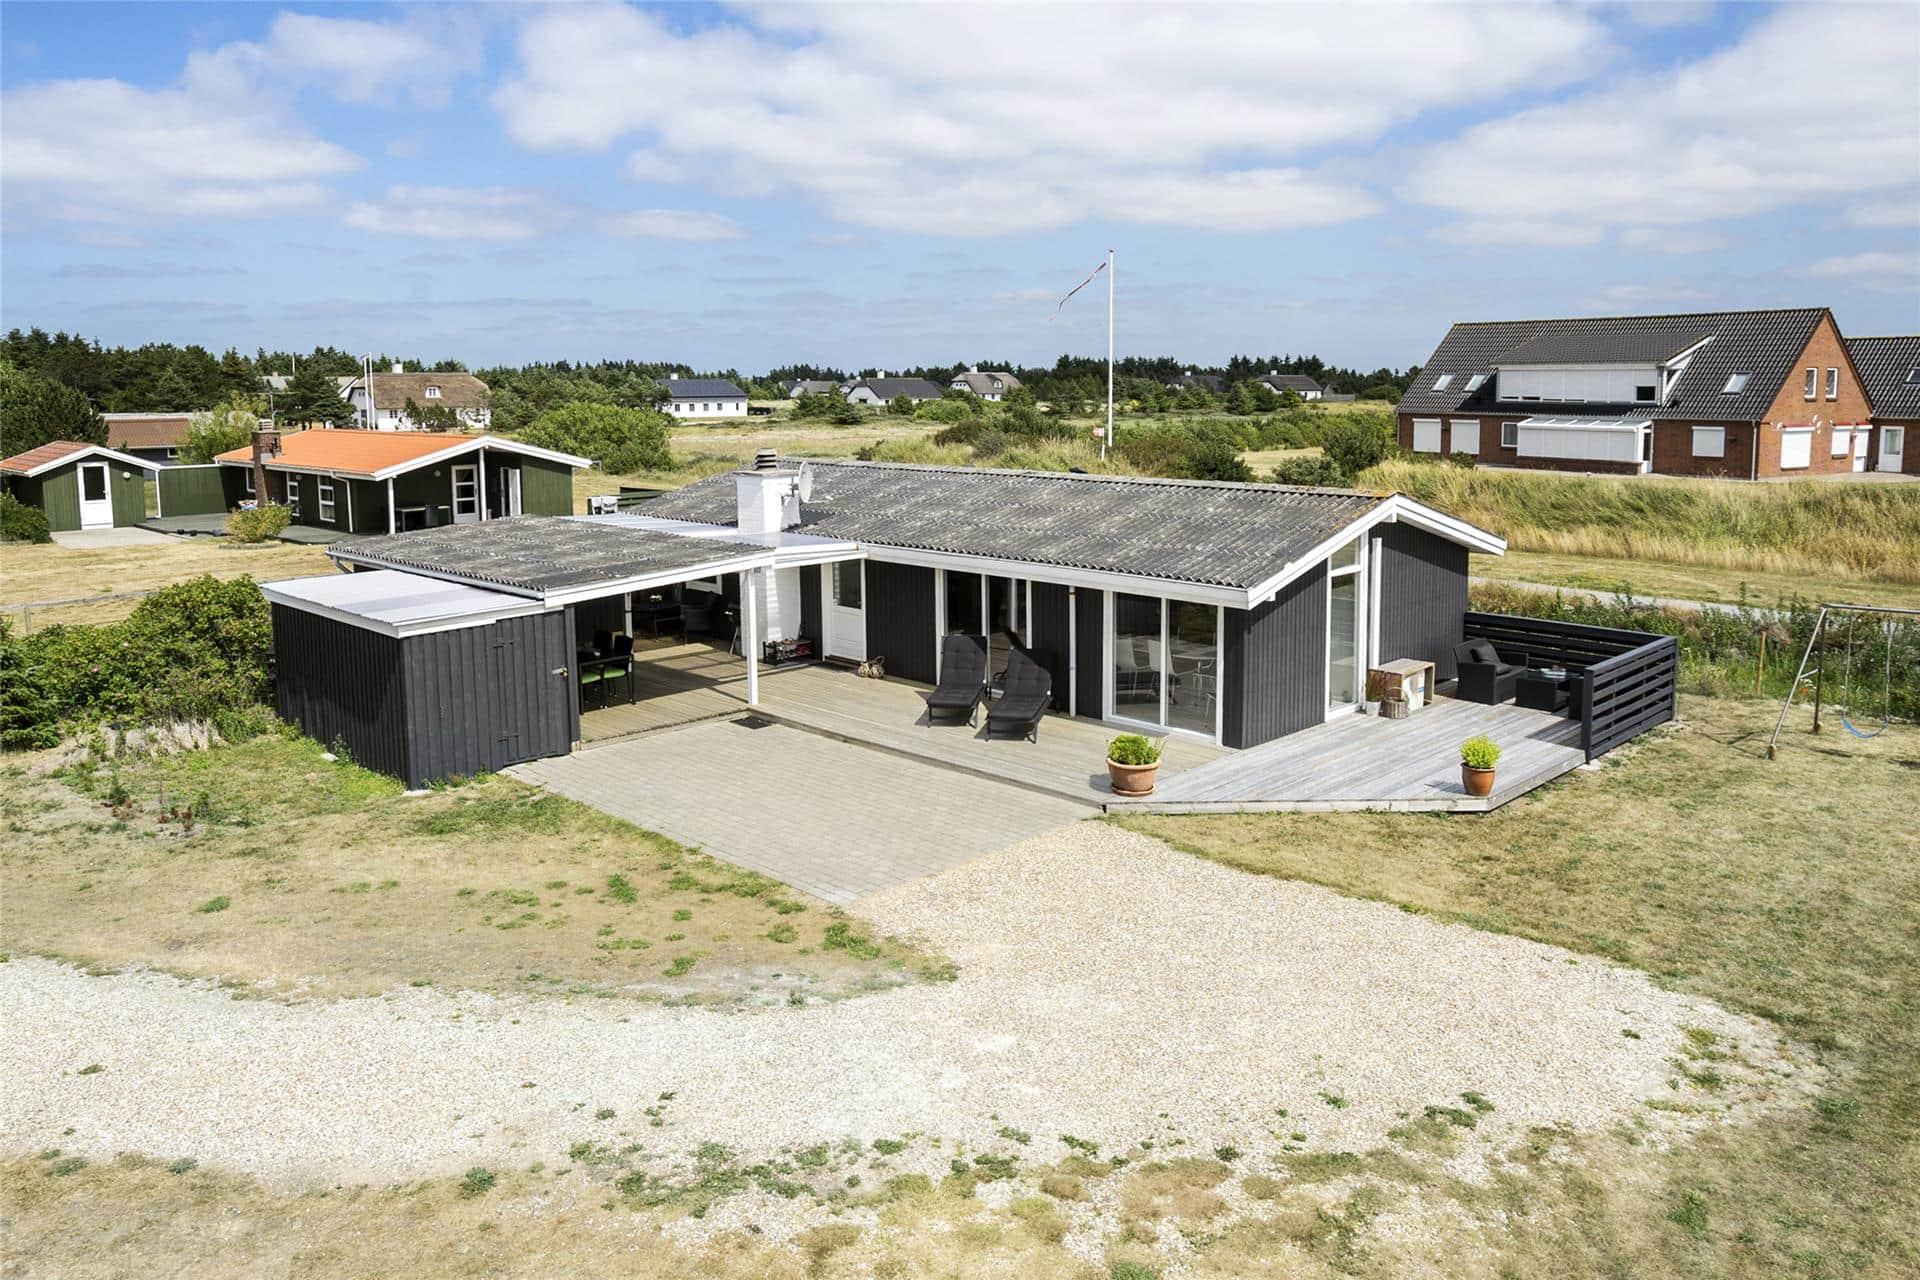 Afbeelding 1-13 Vakantiehuis 576, Klemsvej 26, DK - 7700 Thisted